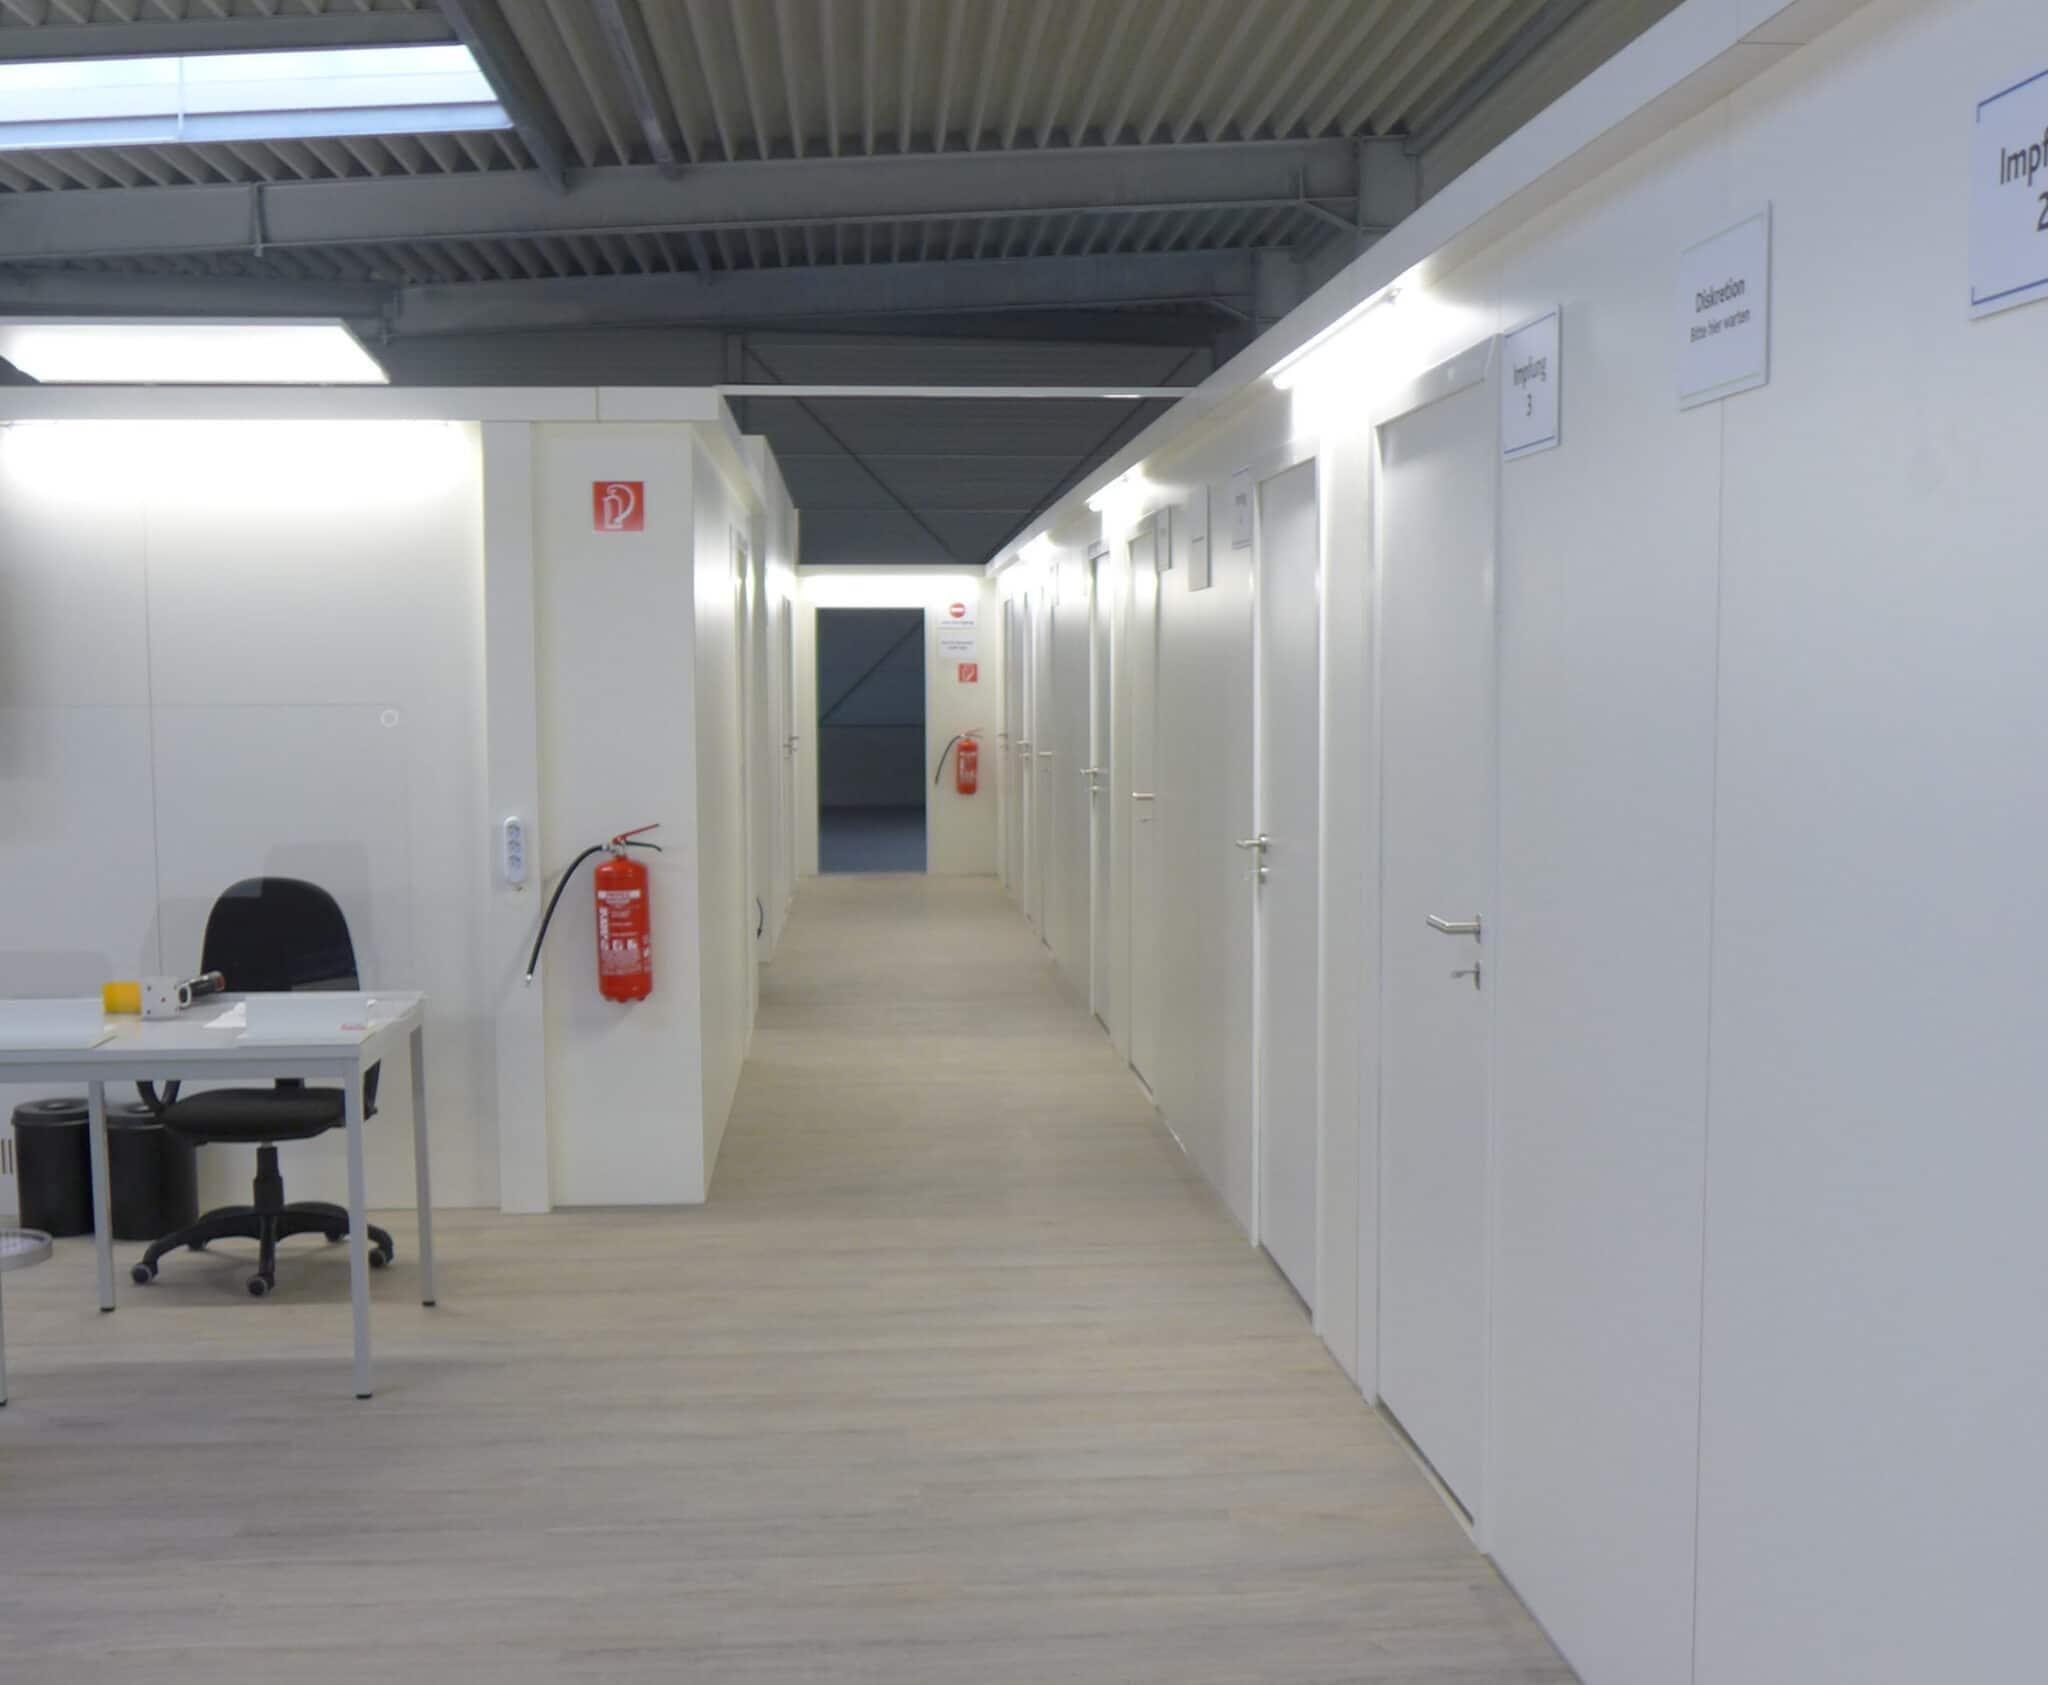 Impfzentrum Alzey: Isinger + Merz verbaute in der Fahrzeughalle des DRK ca. 670 m² Laminat und 250 m Trennwandmodule.